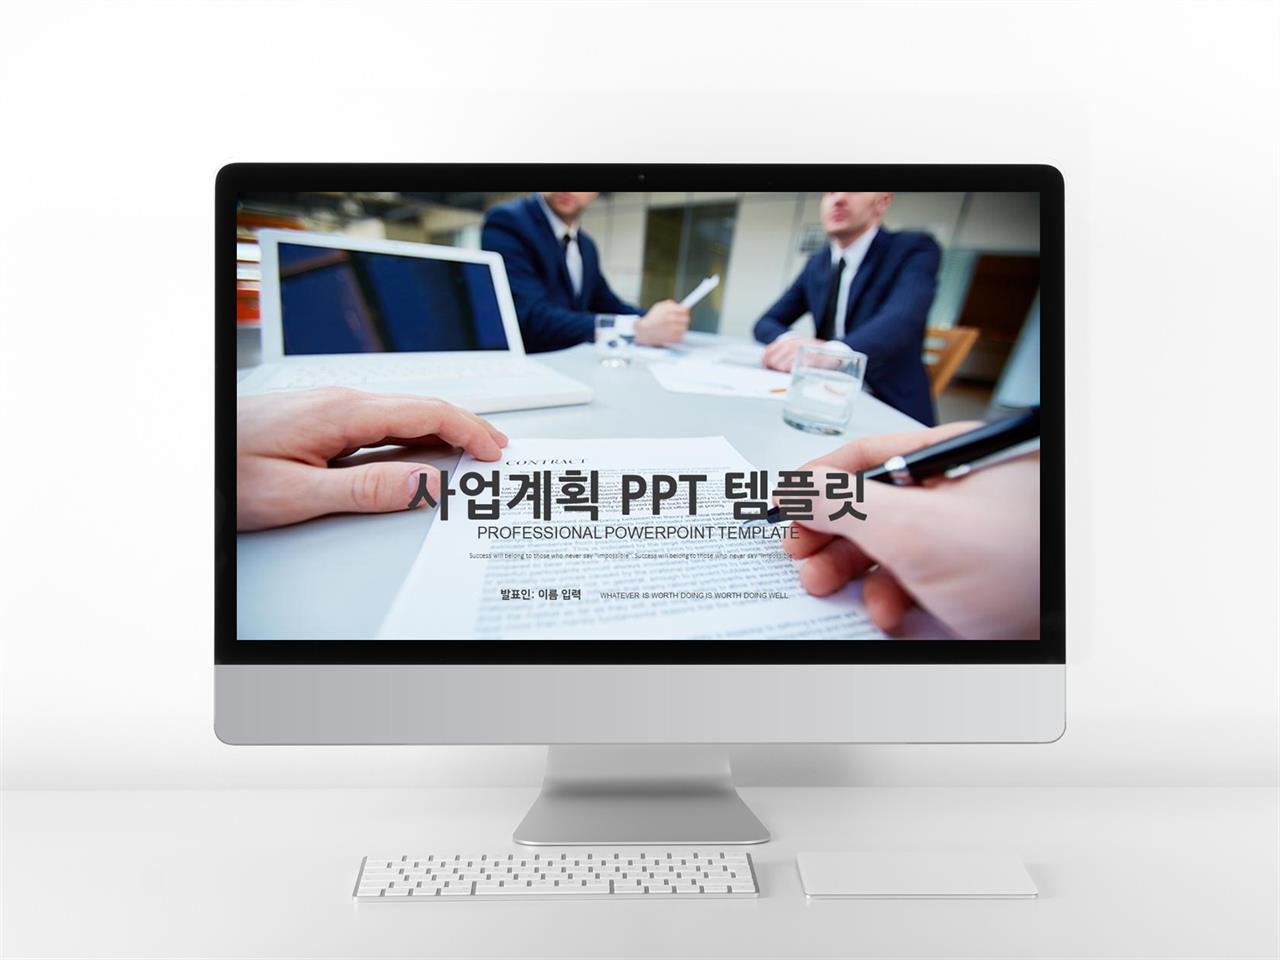 사업계획 검은색 폼나는 다양한 주제에 어울리는 POWERPOINT탬플릿 디자인 미리보기